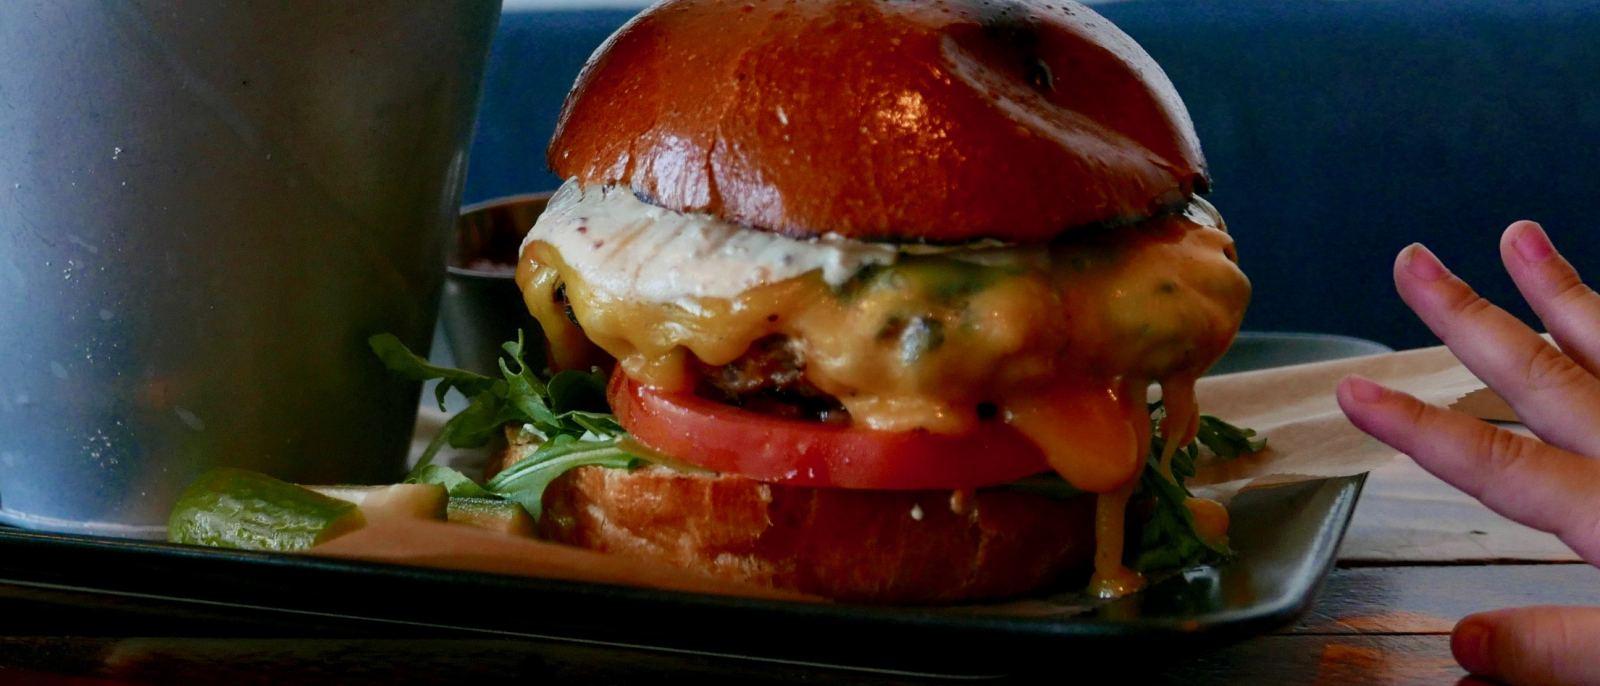 Chicken burger at Doma Kitchen